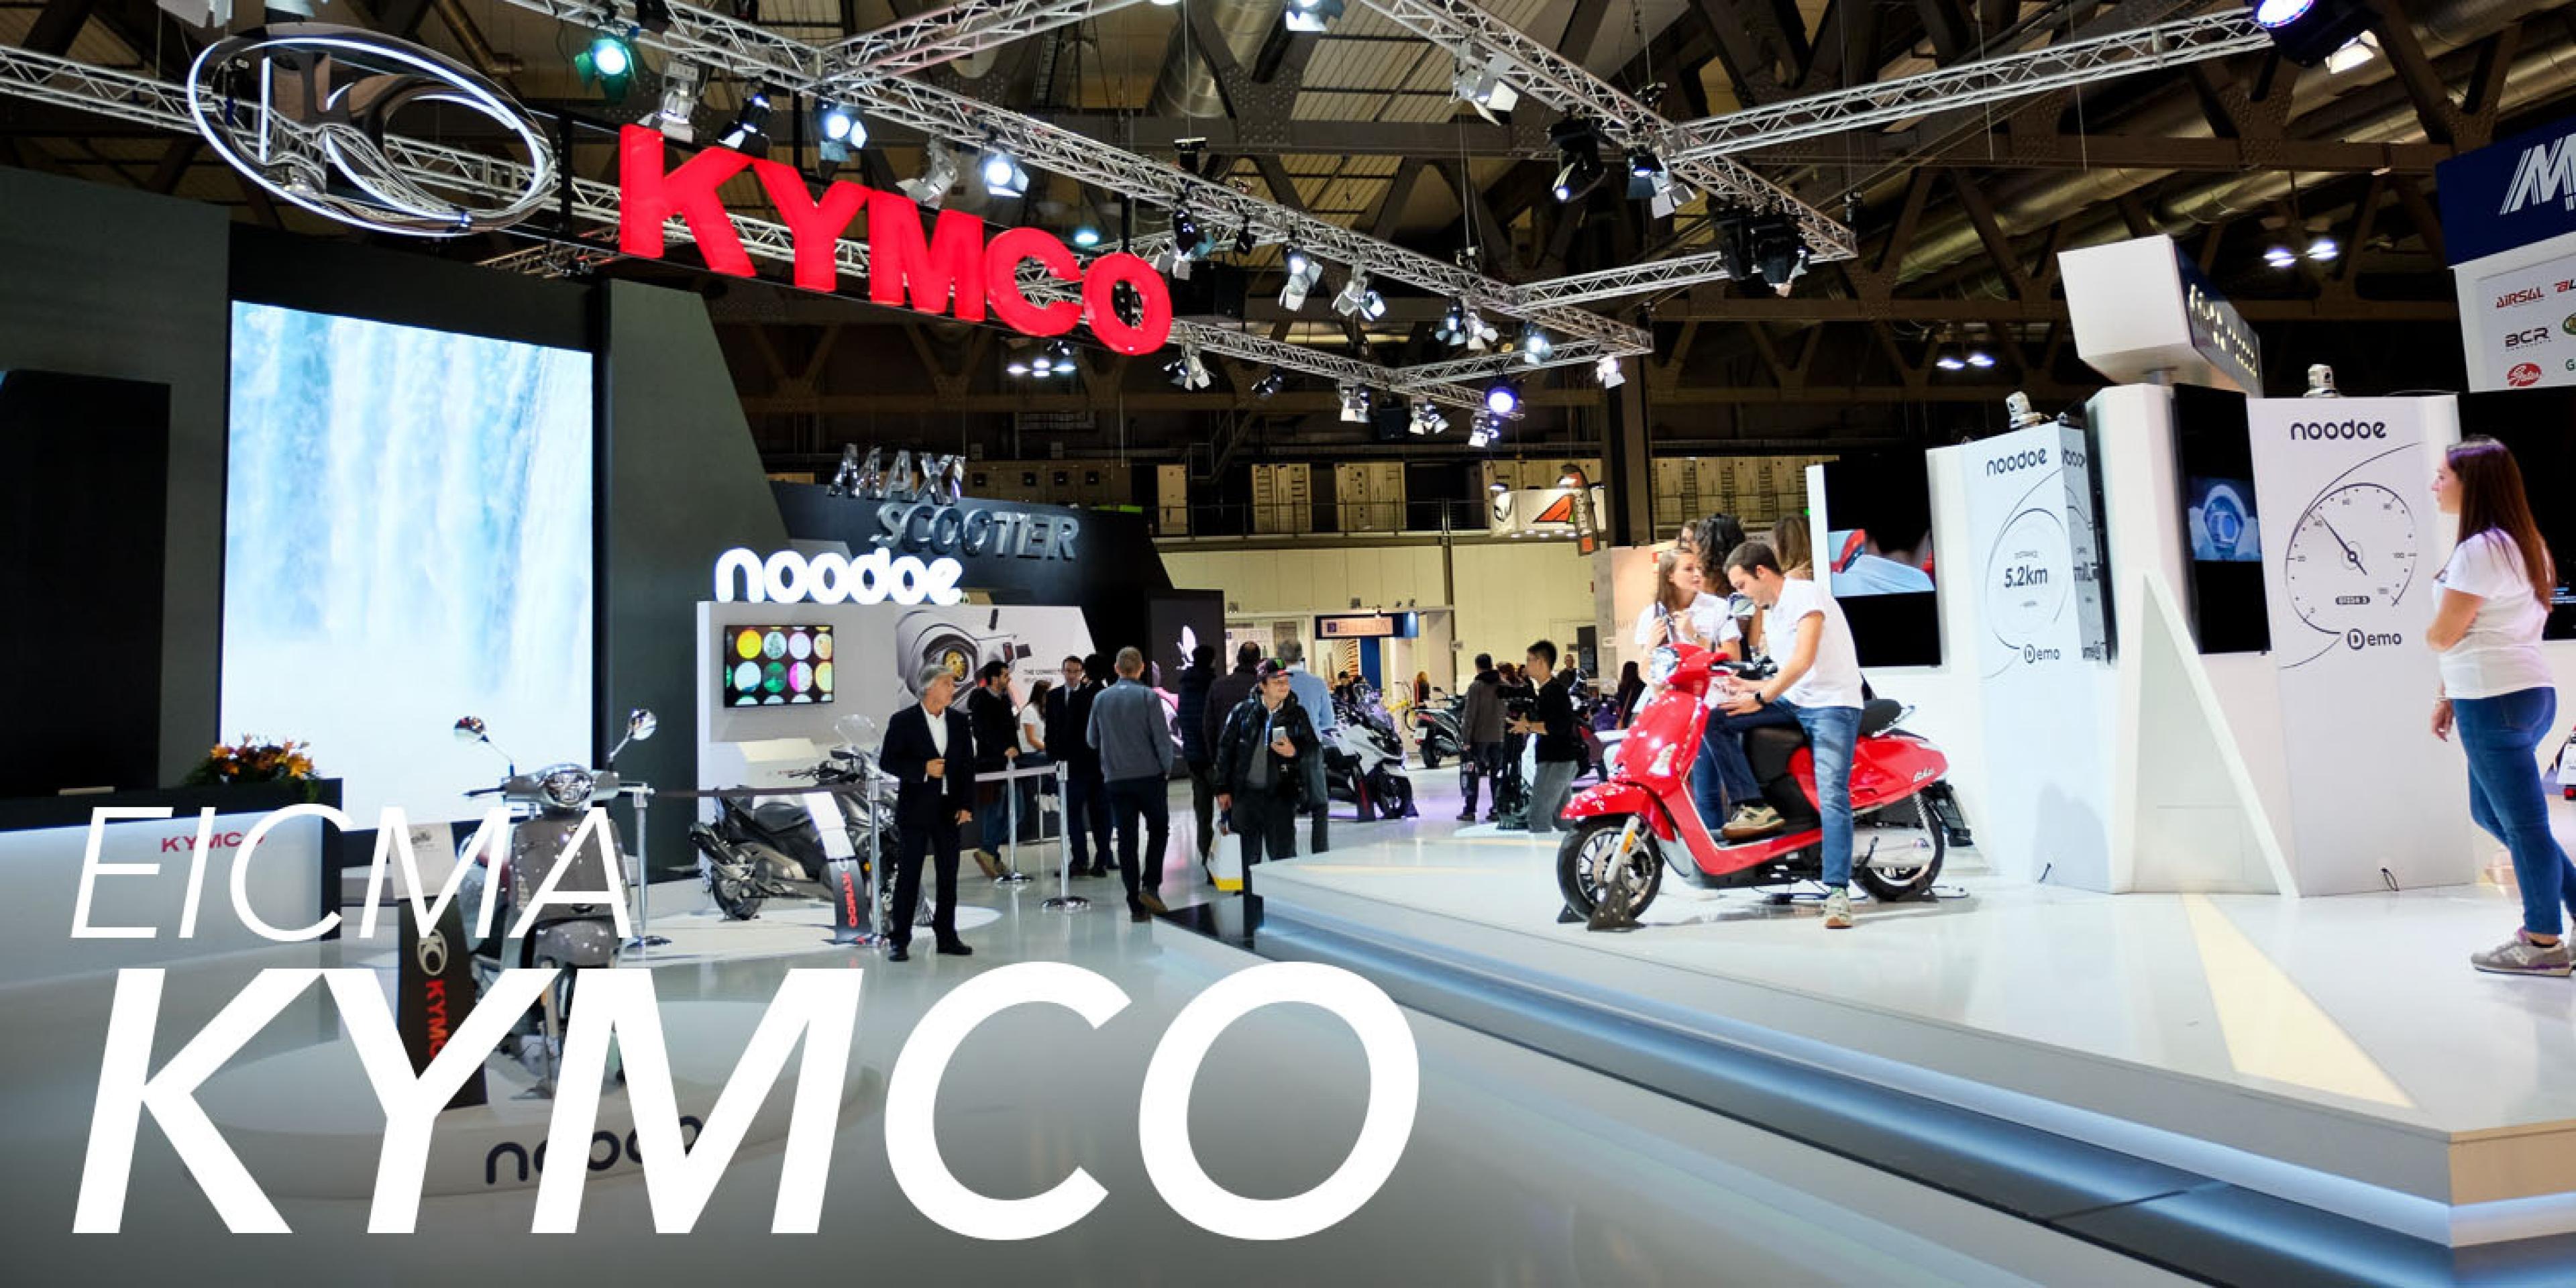 米蘭車展。KYMCO現場巡禮,Noodoe車聯網科技登場